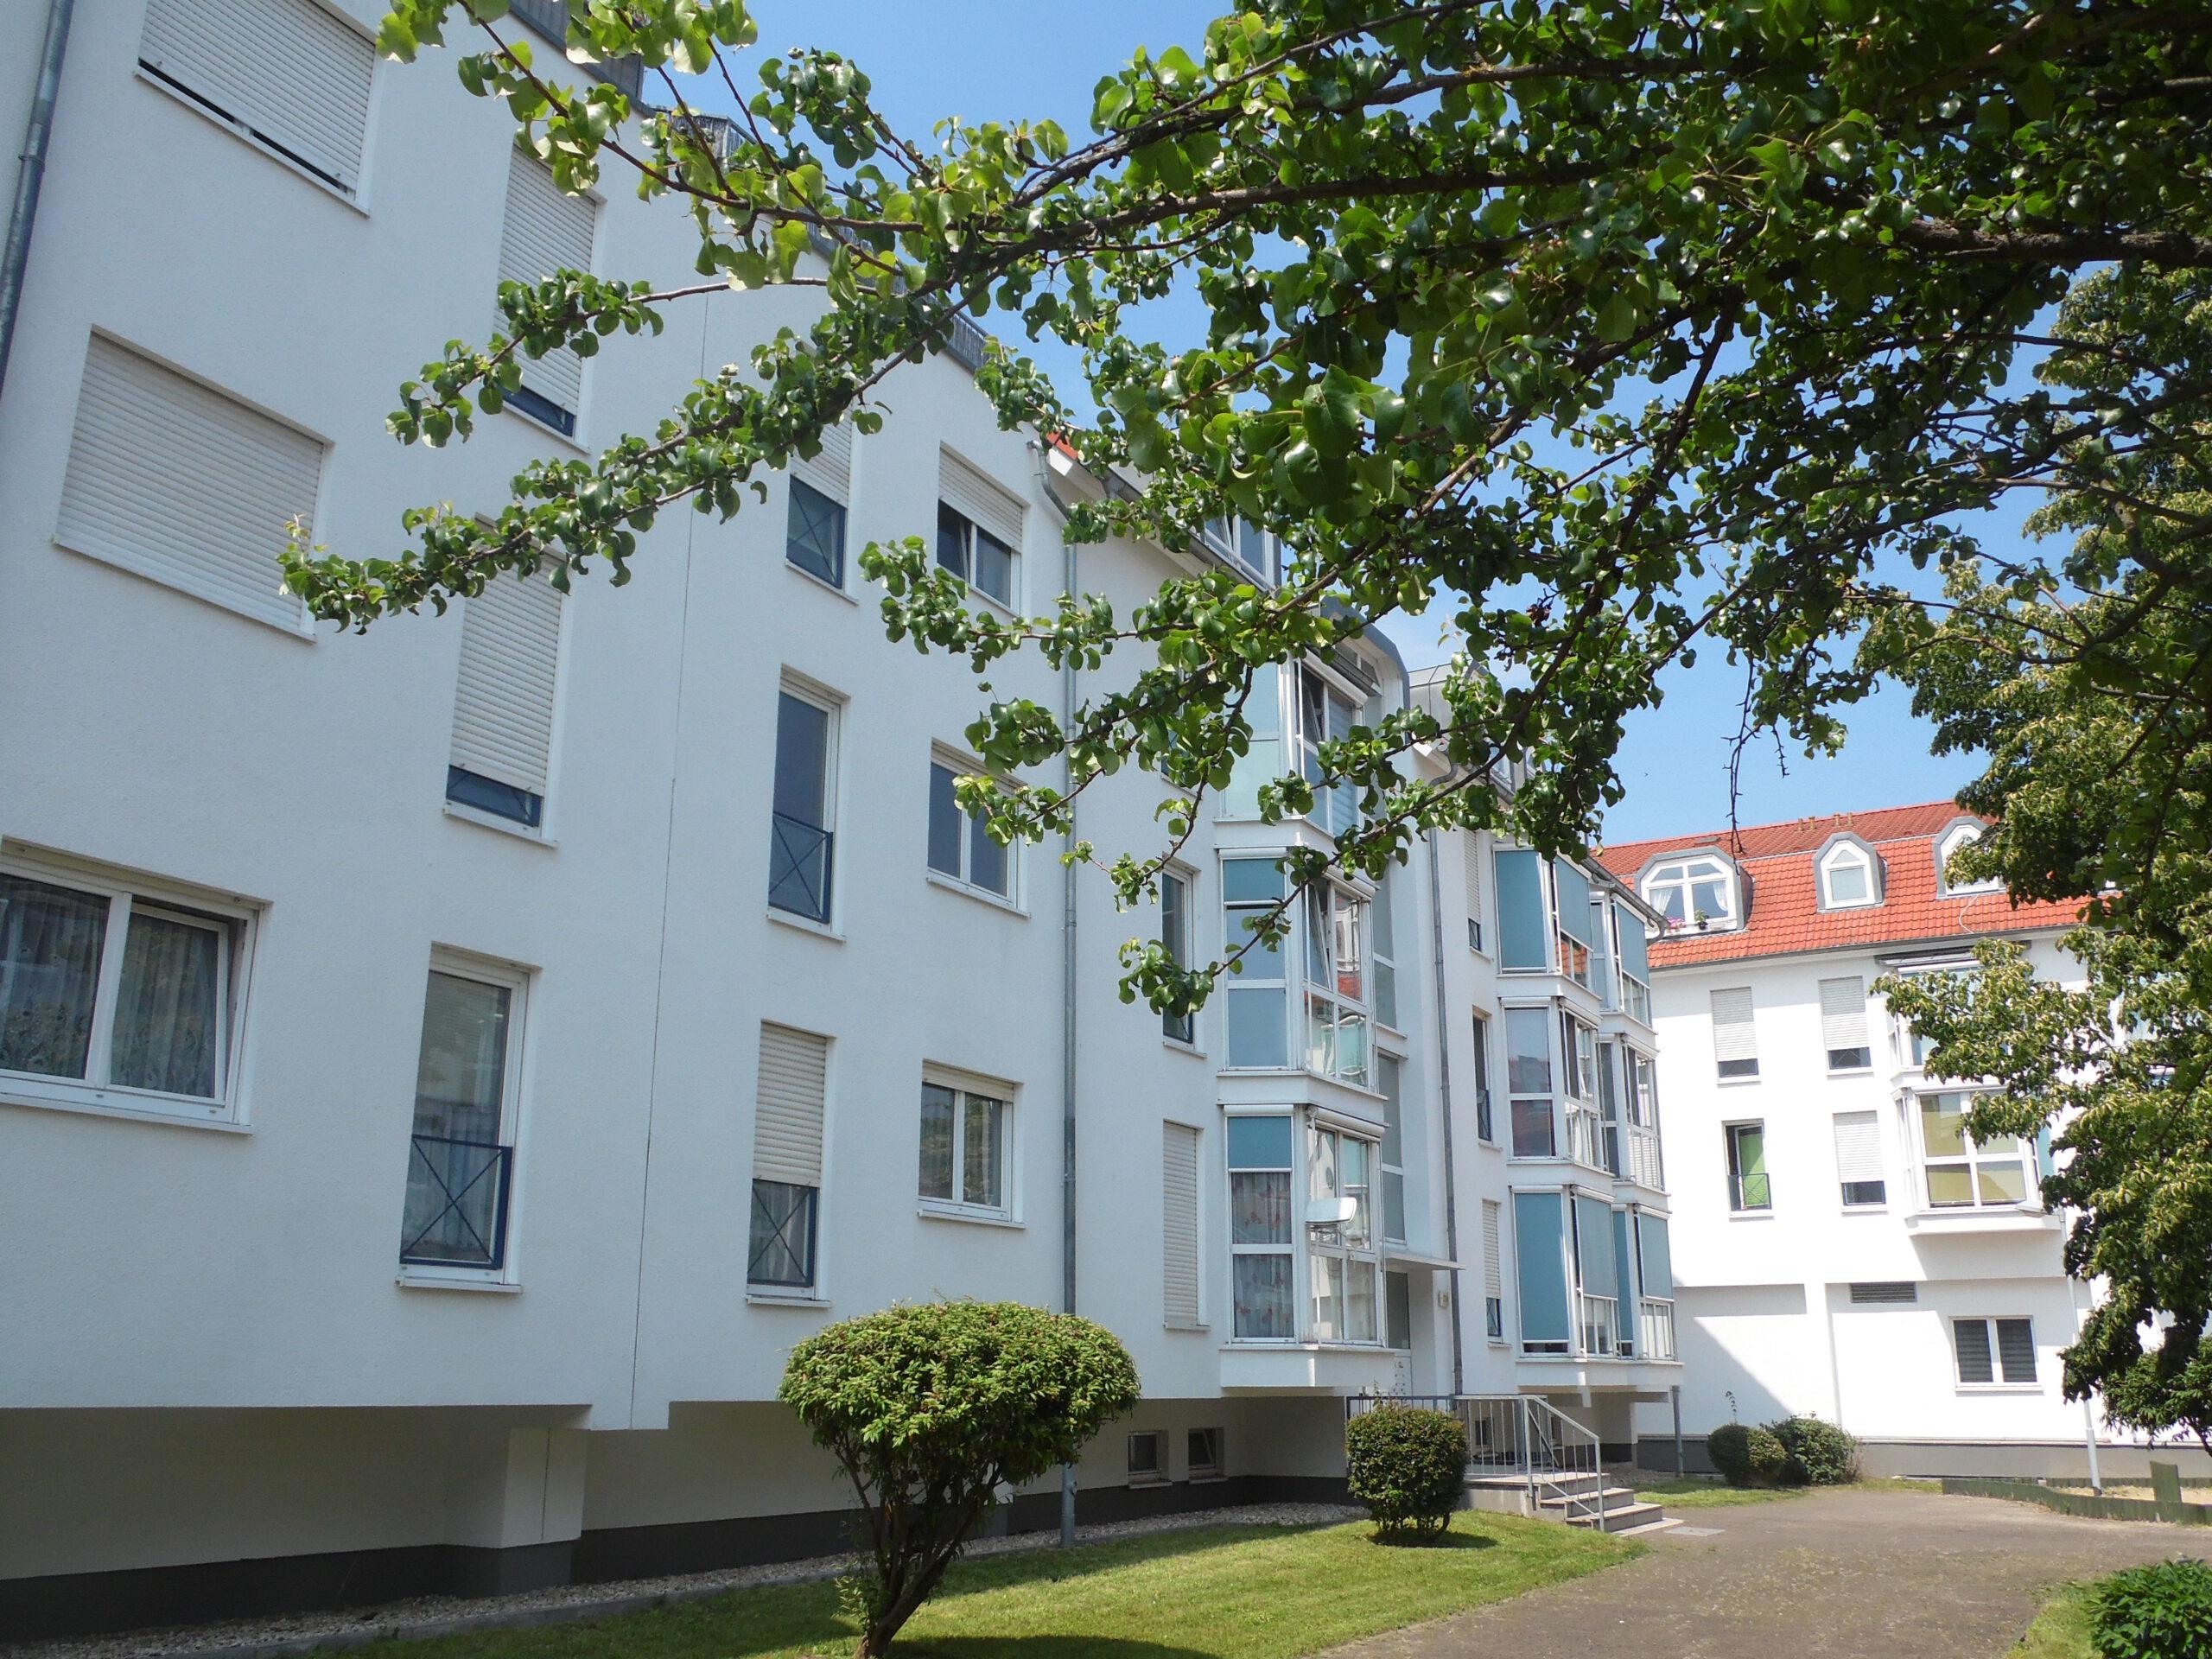 Eigentumswohnung Diemitz - Wohnanlage Eingangsbereich